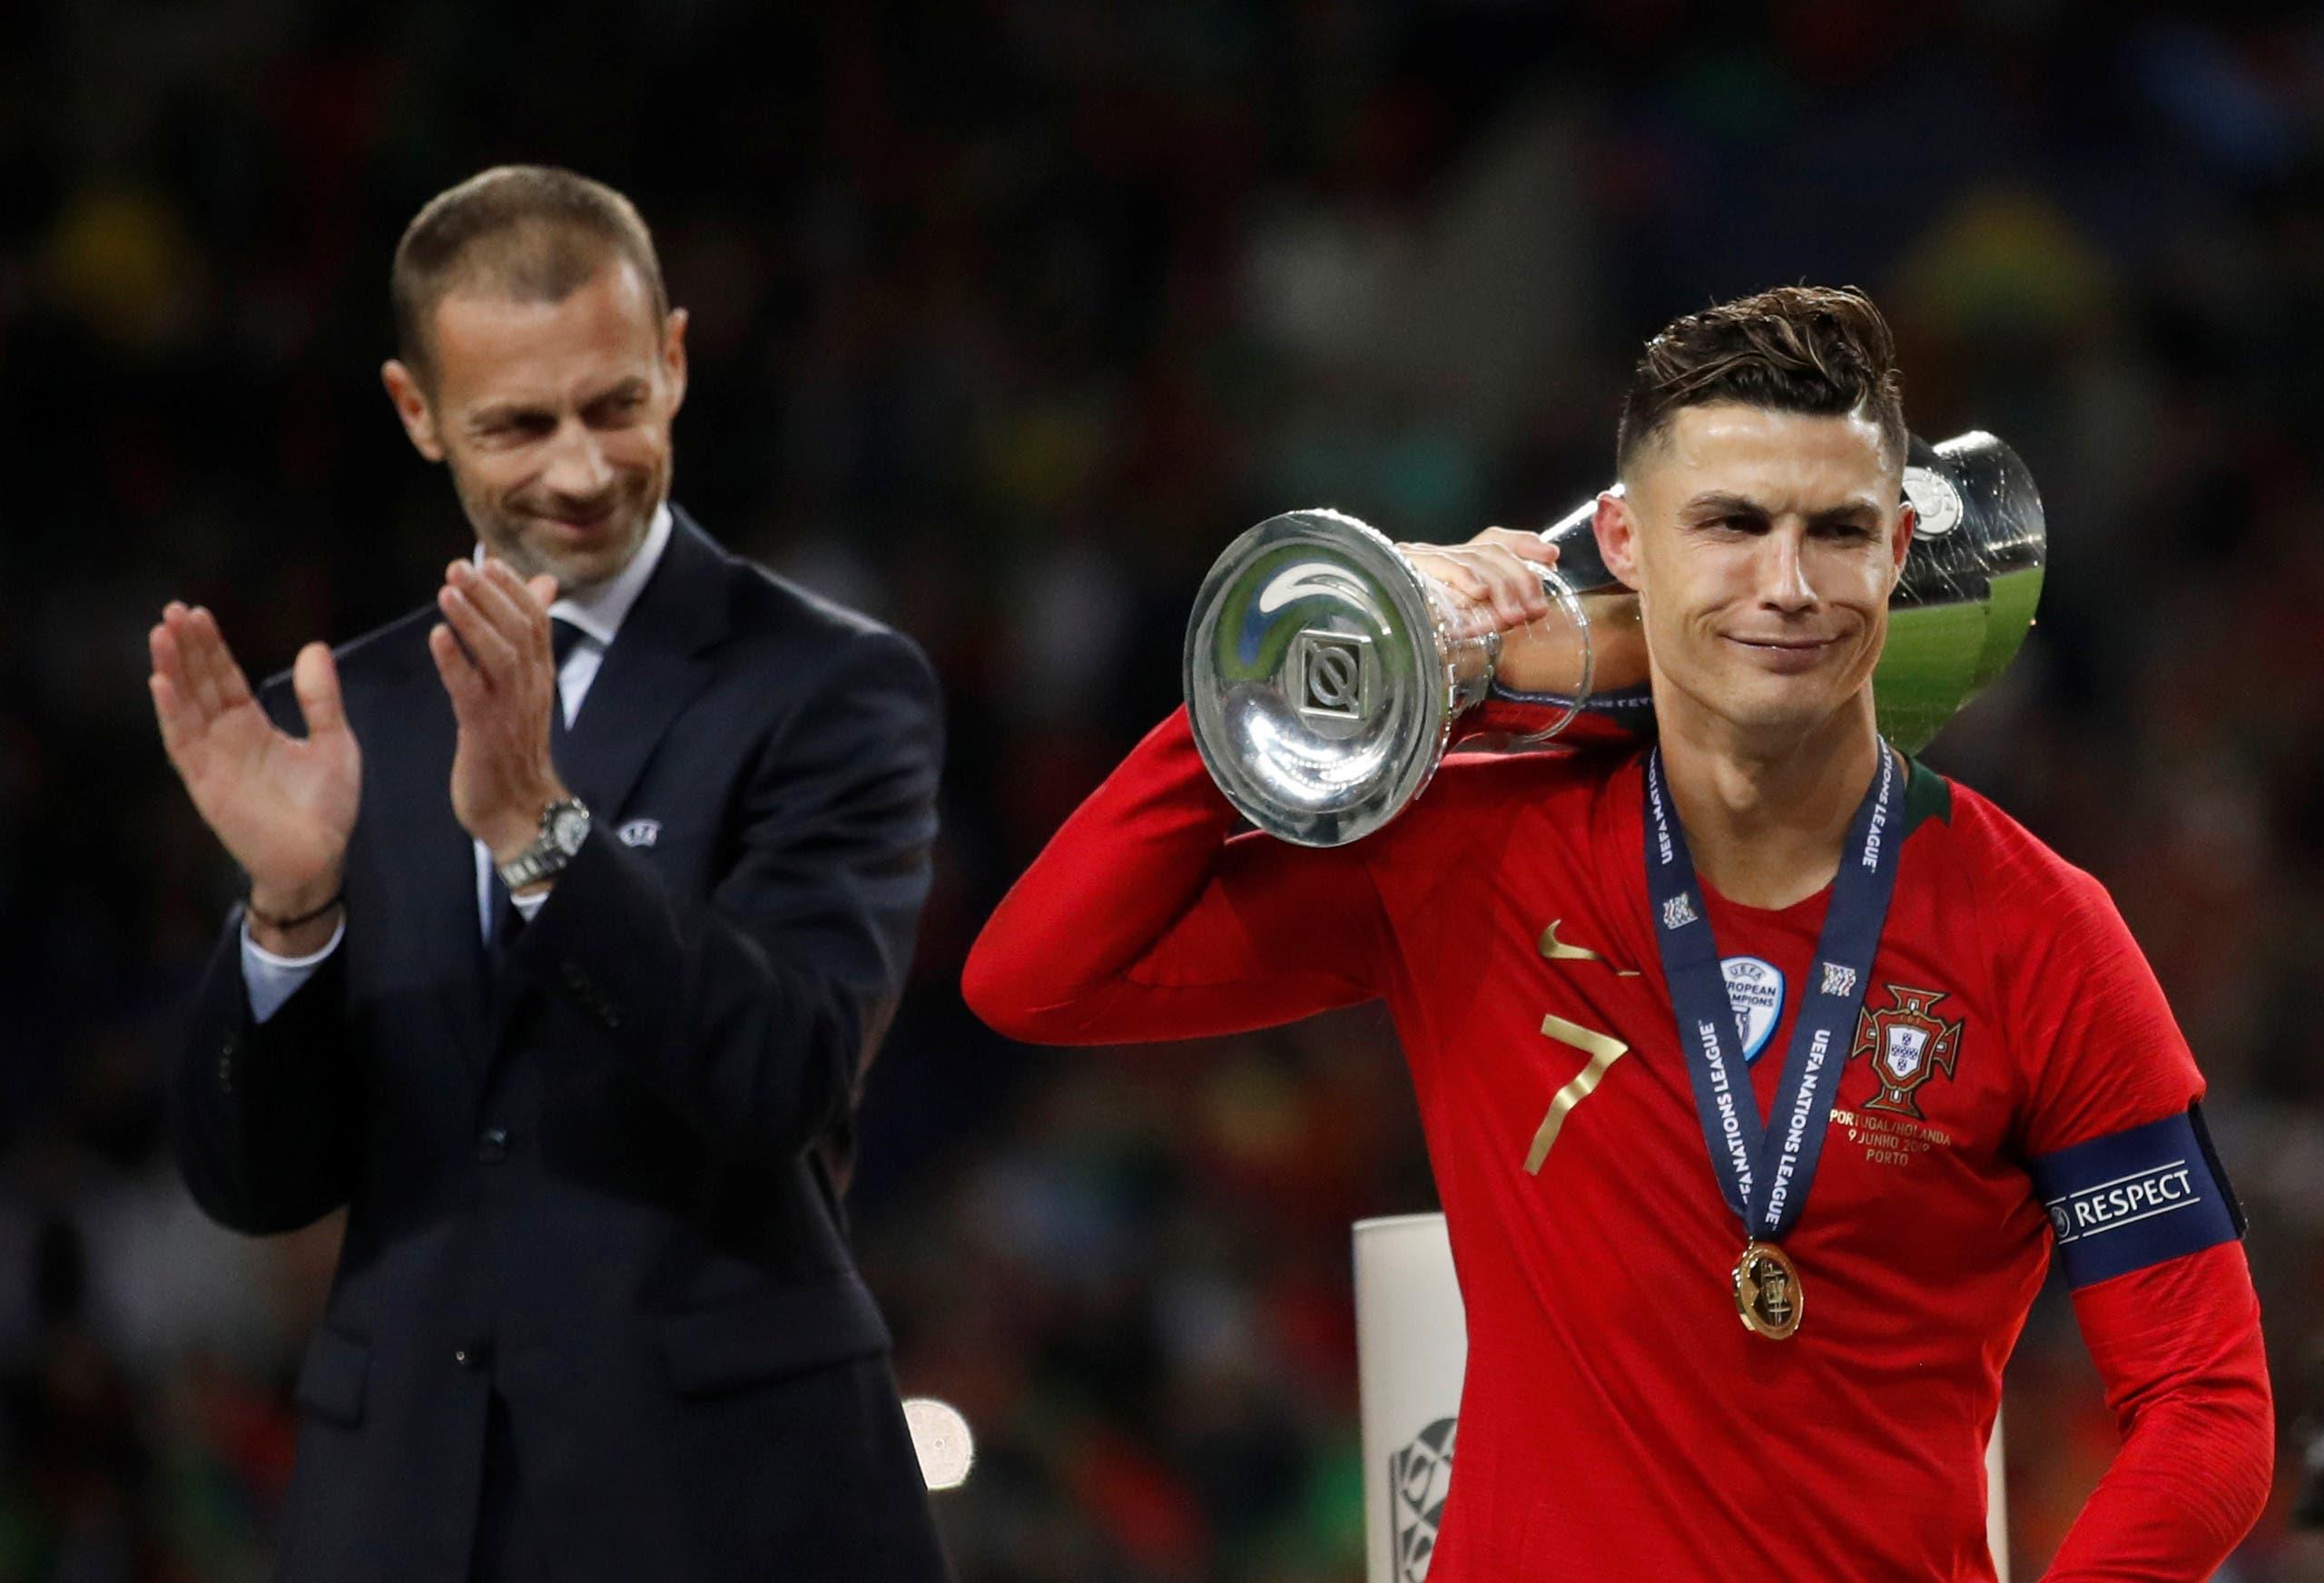 رونالدو مع لقب دوري أمم اوروبا